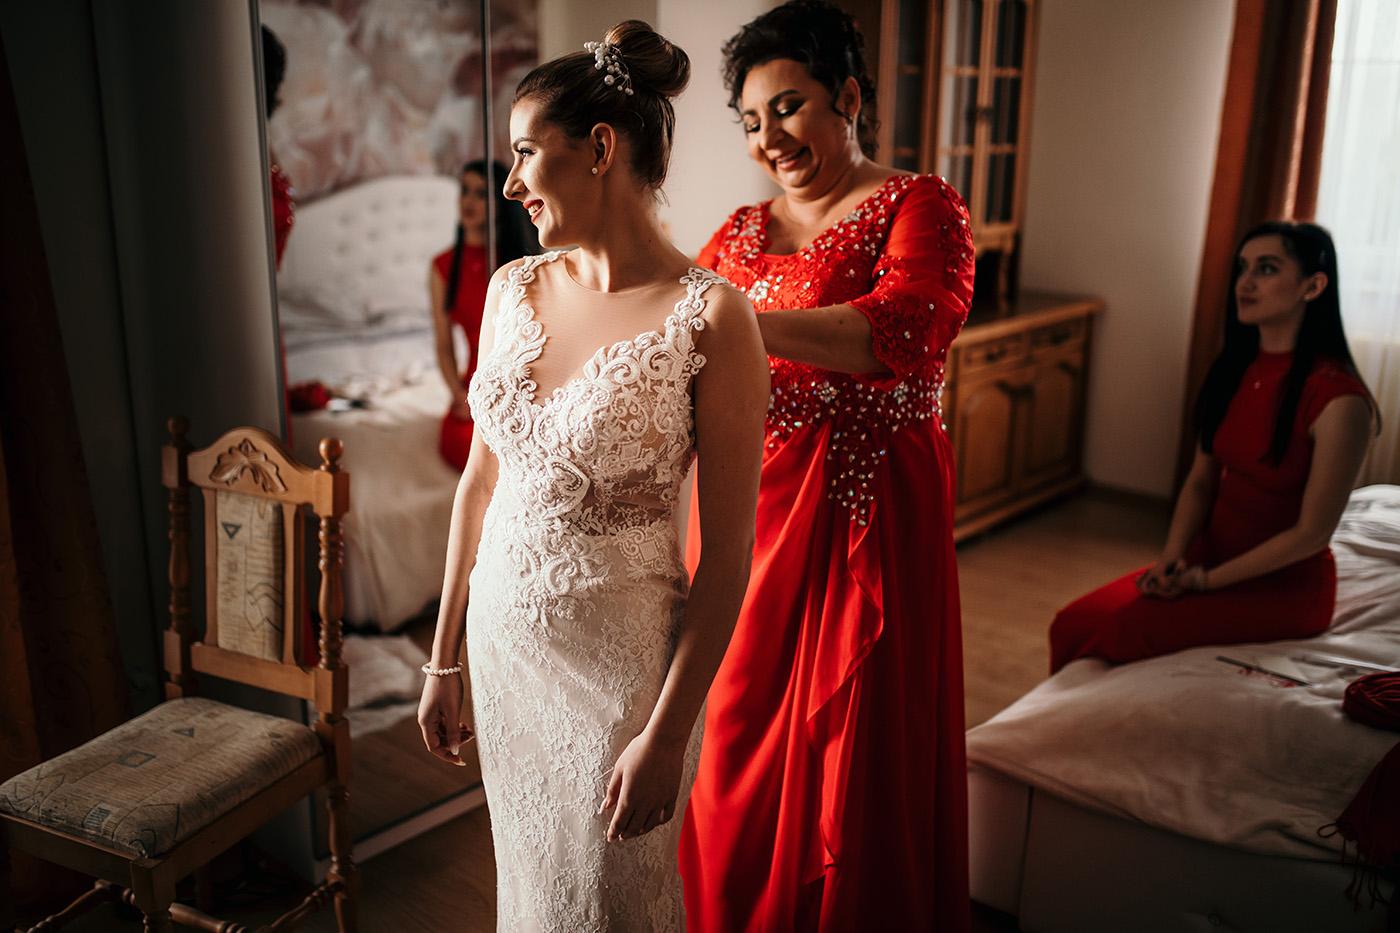 Ślub w Rezydencji Victoria - historia Julii i Stiana 17